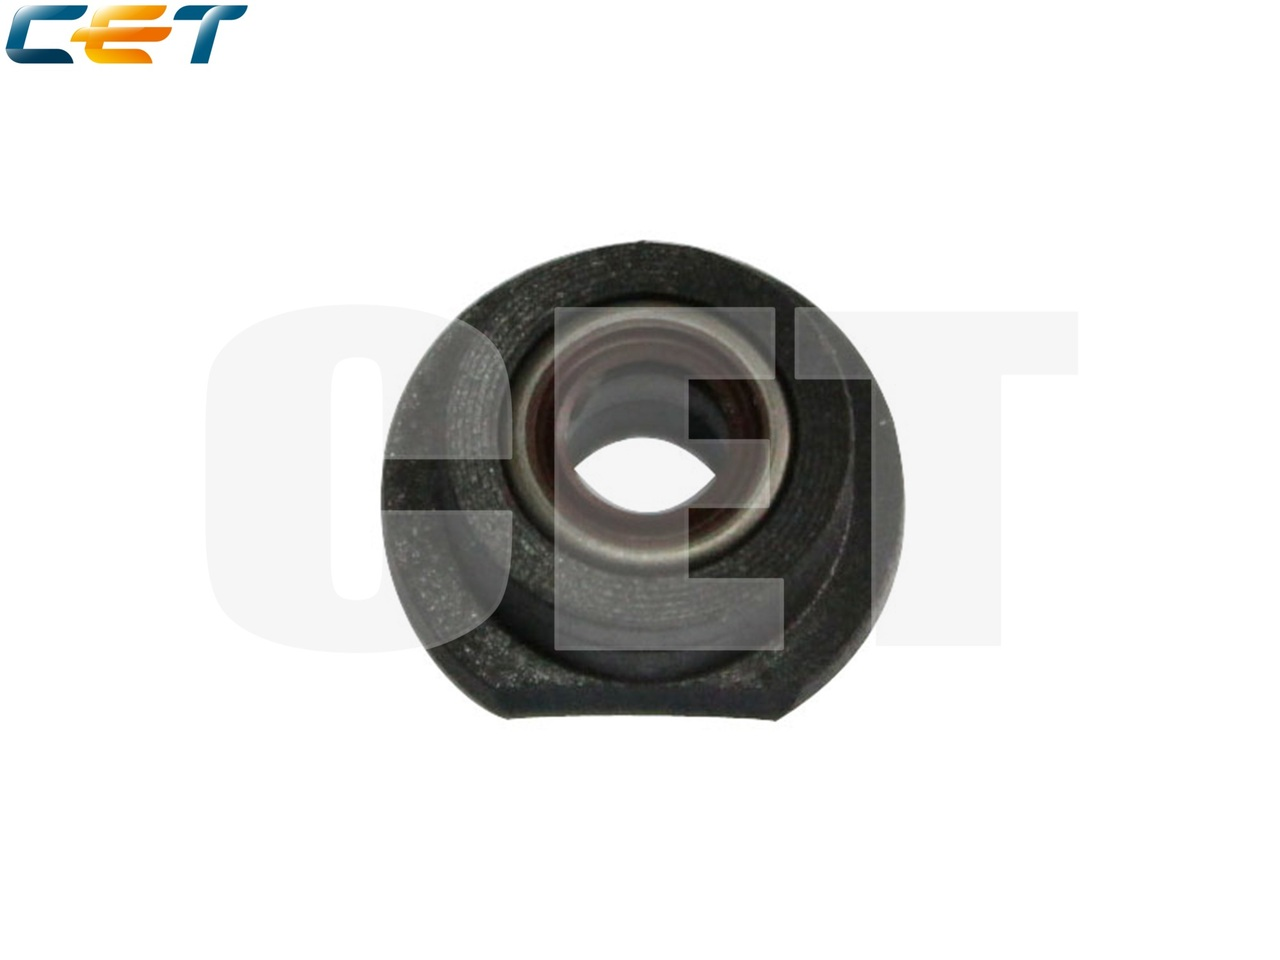 Бушинг AA08-0176 для RICOH Aficio 1060/1075 (CET), CET8121